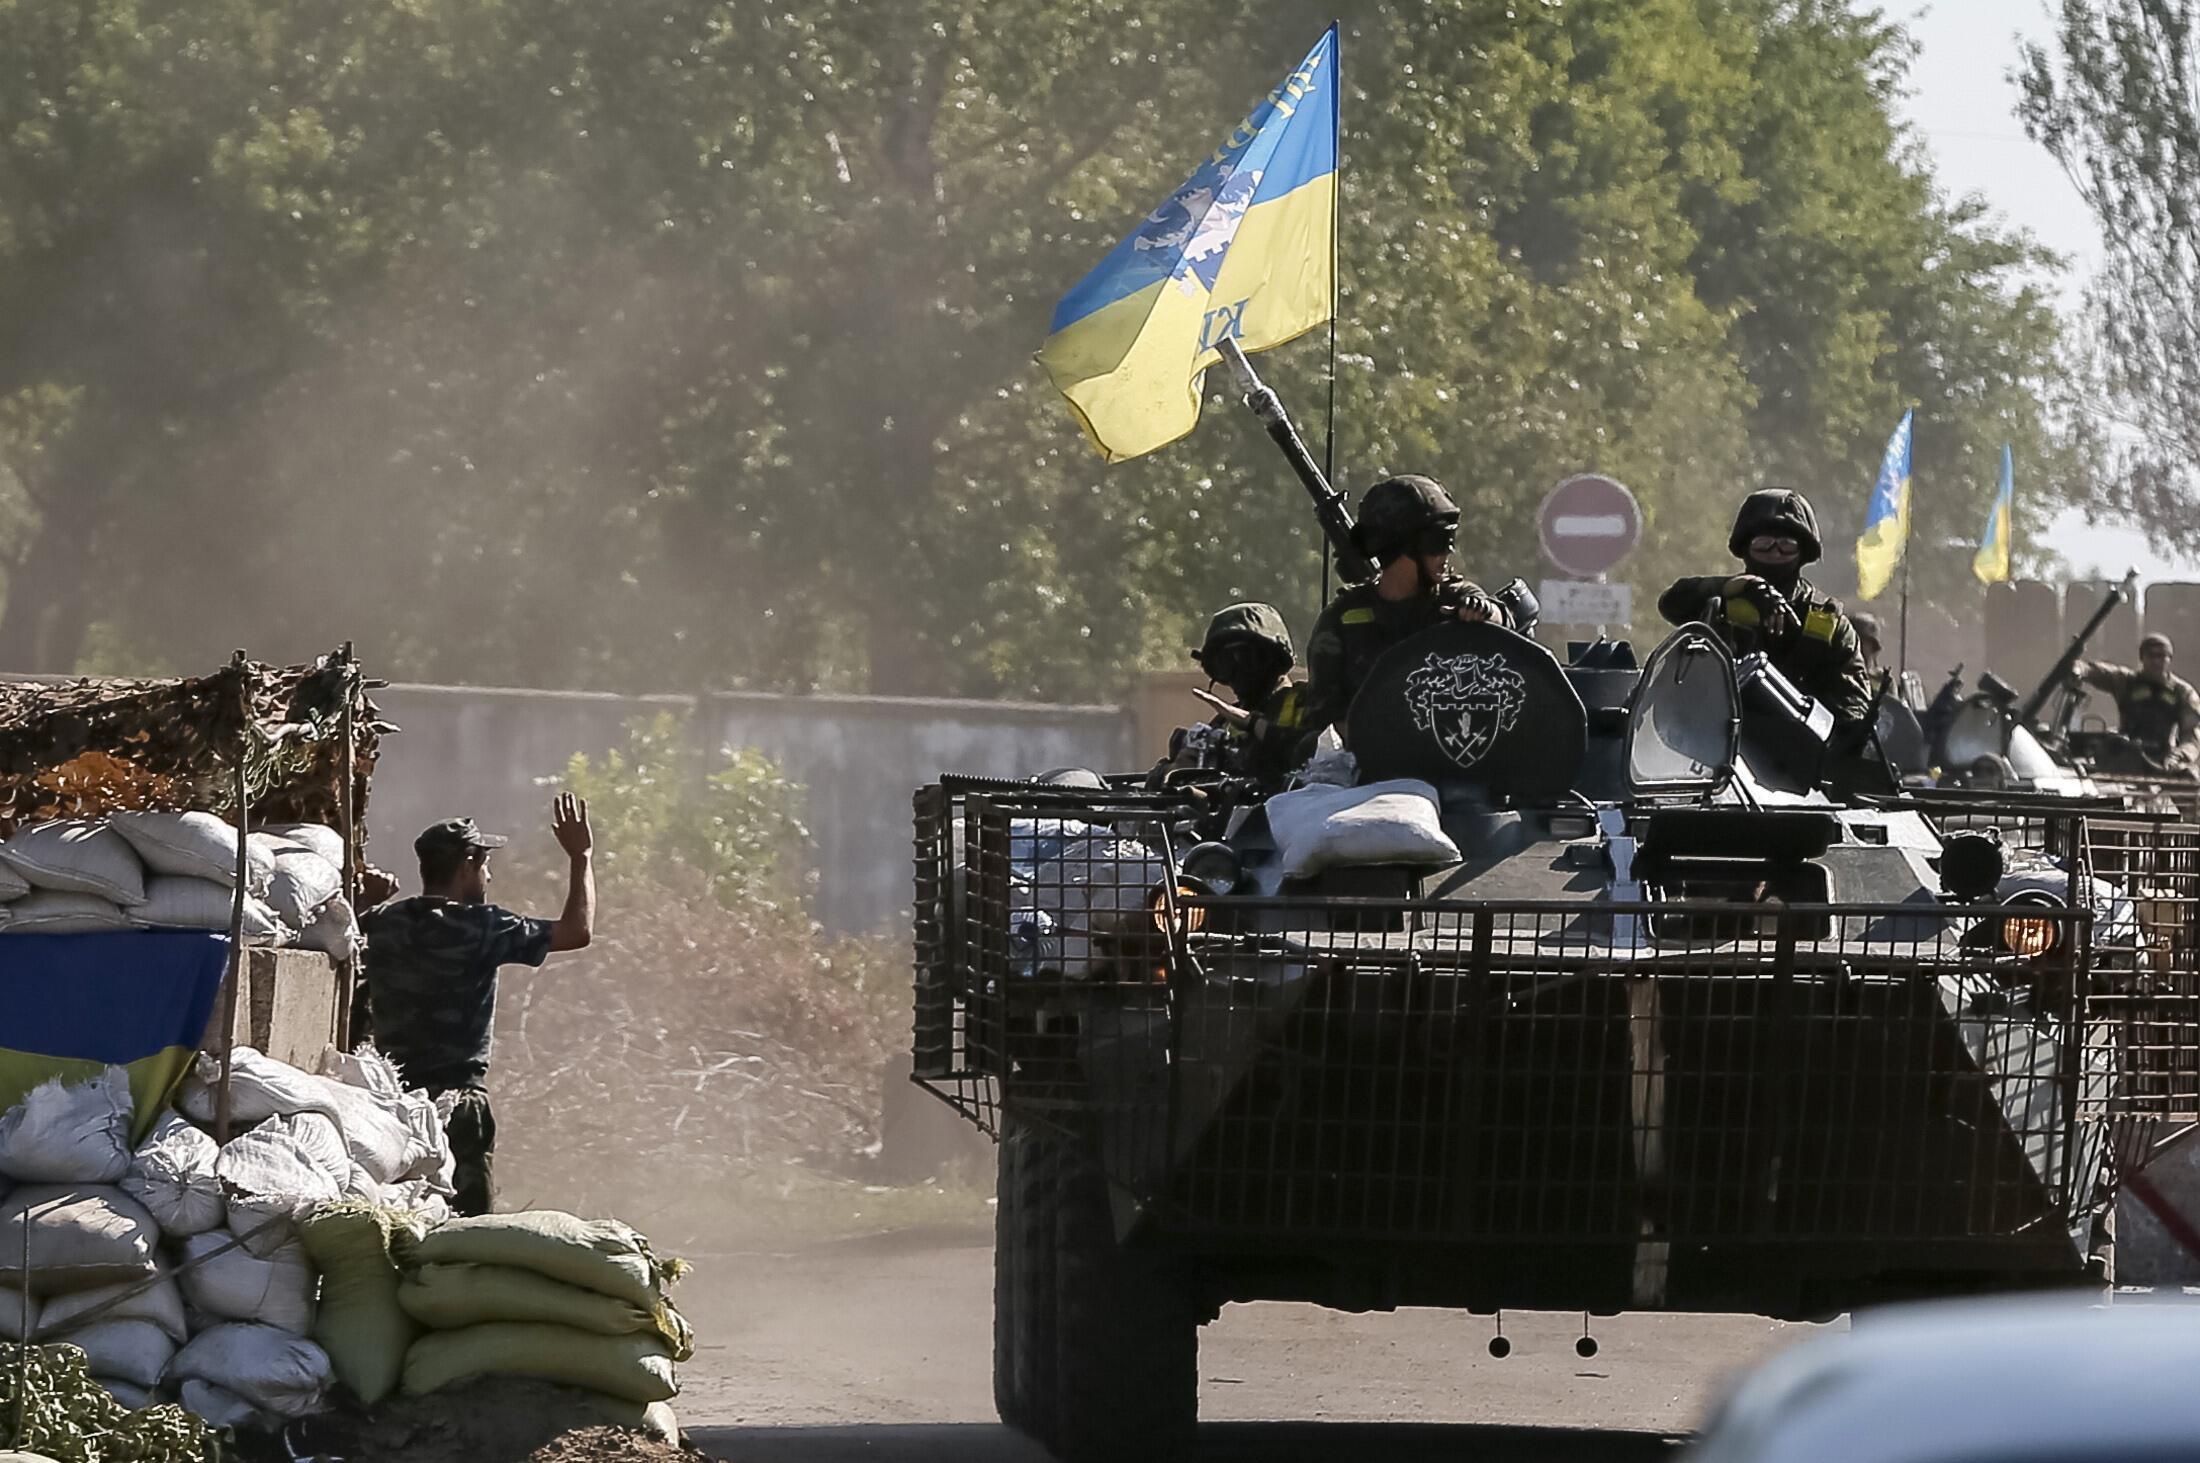 As tropas ucranianas se retiraram nesta segunda-feira do aeroporto de Lugansk, reduto dos separatistas pró-Rússia no leste do país.